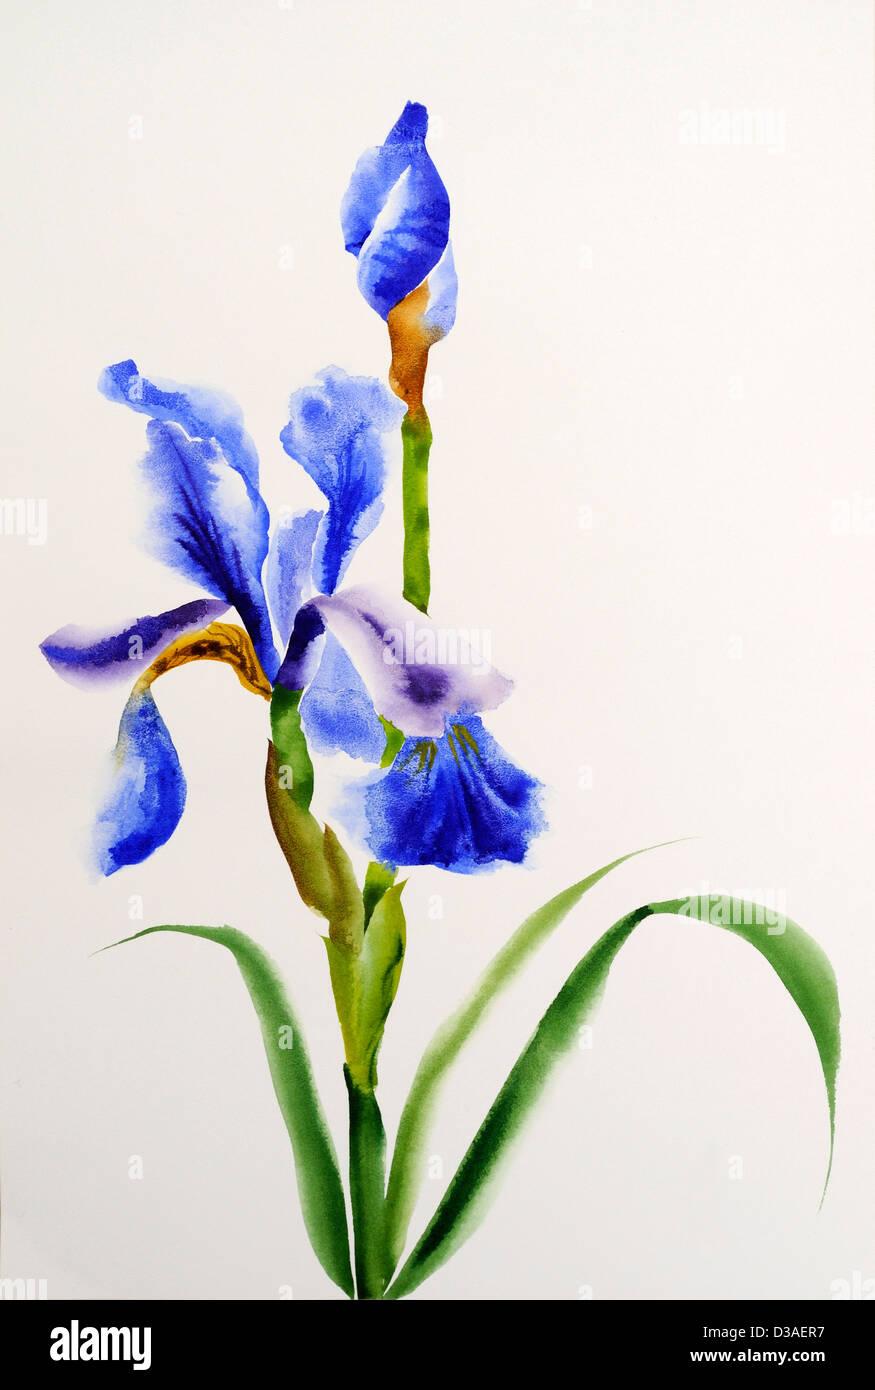 Purple watercolor flowers stock photos purple watercolor flowers blue iris flowers original watercolor painting stock image izmirmasajfo